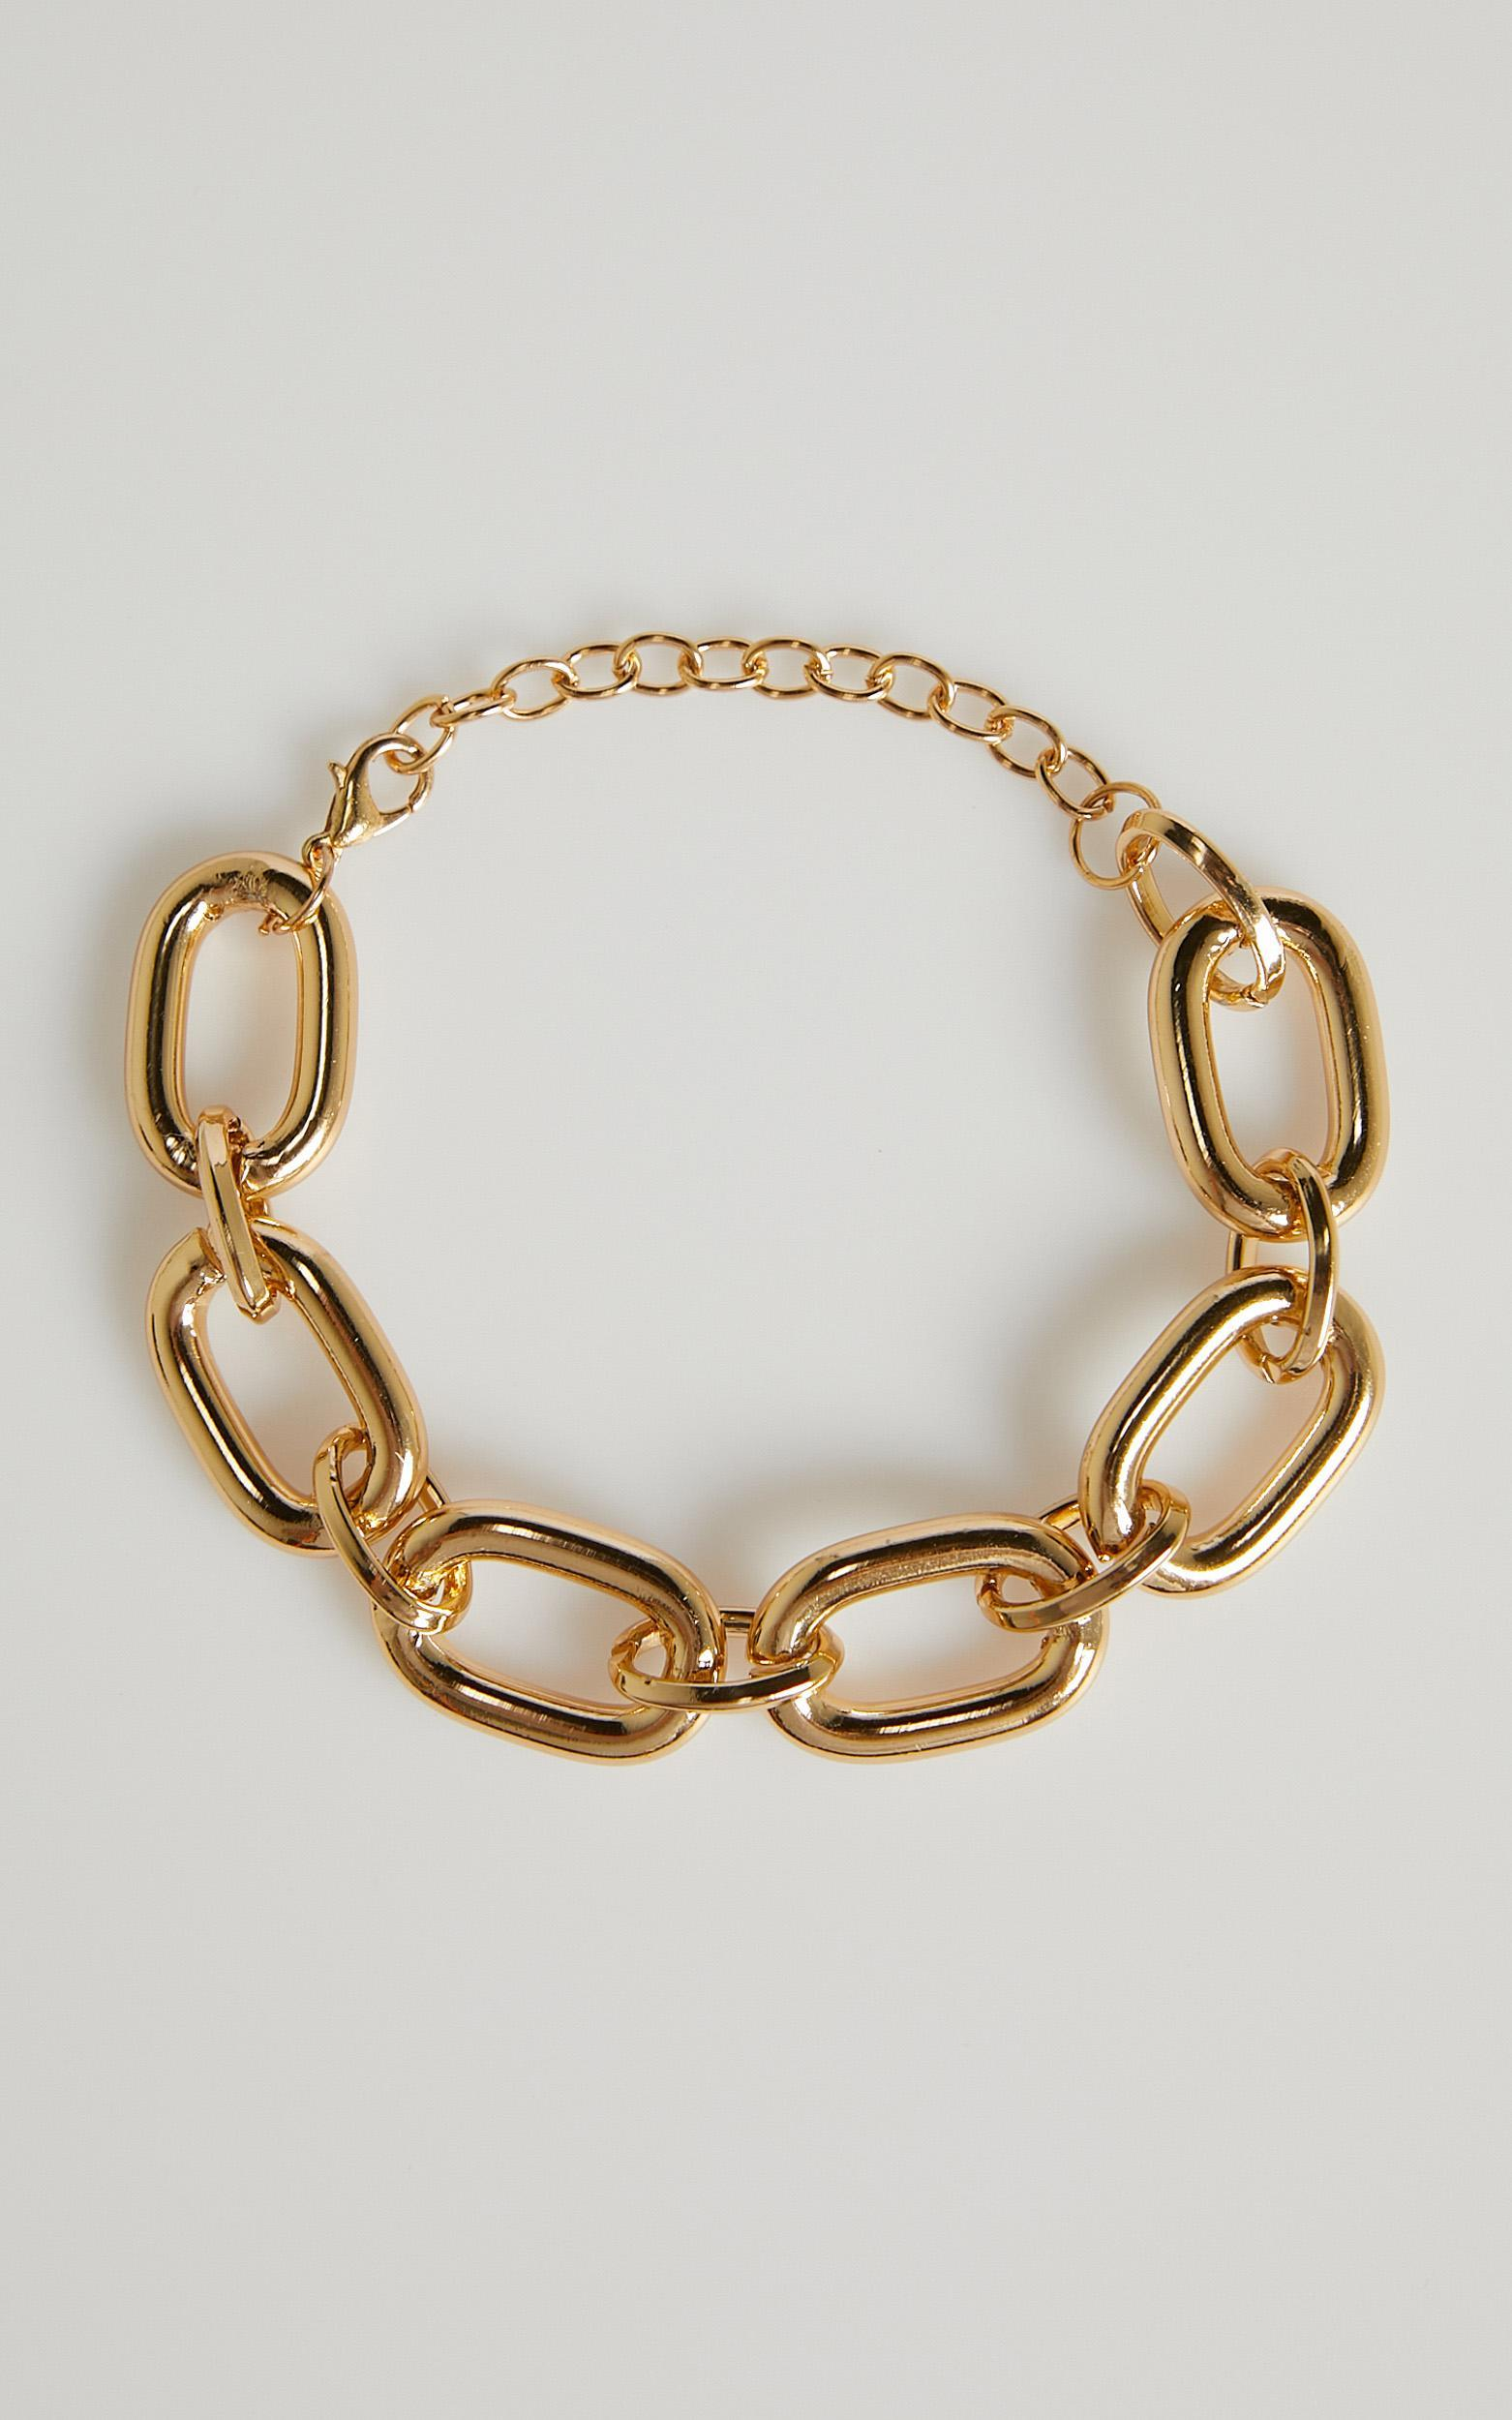 Adara Bracelet in Gold, , hi-res image number null